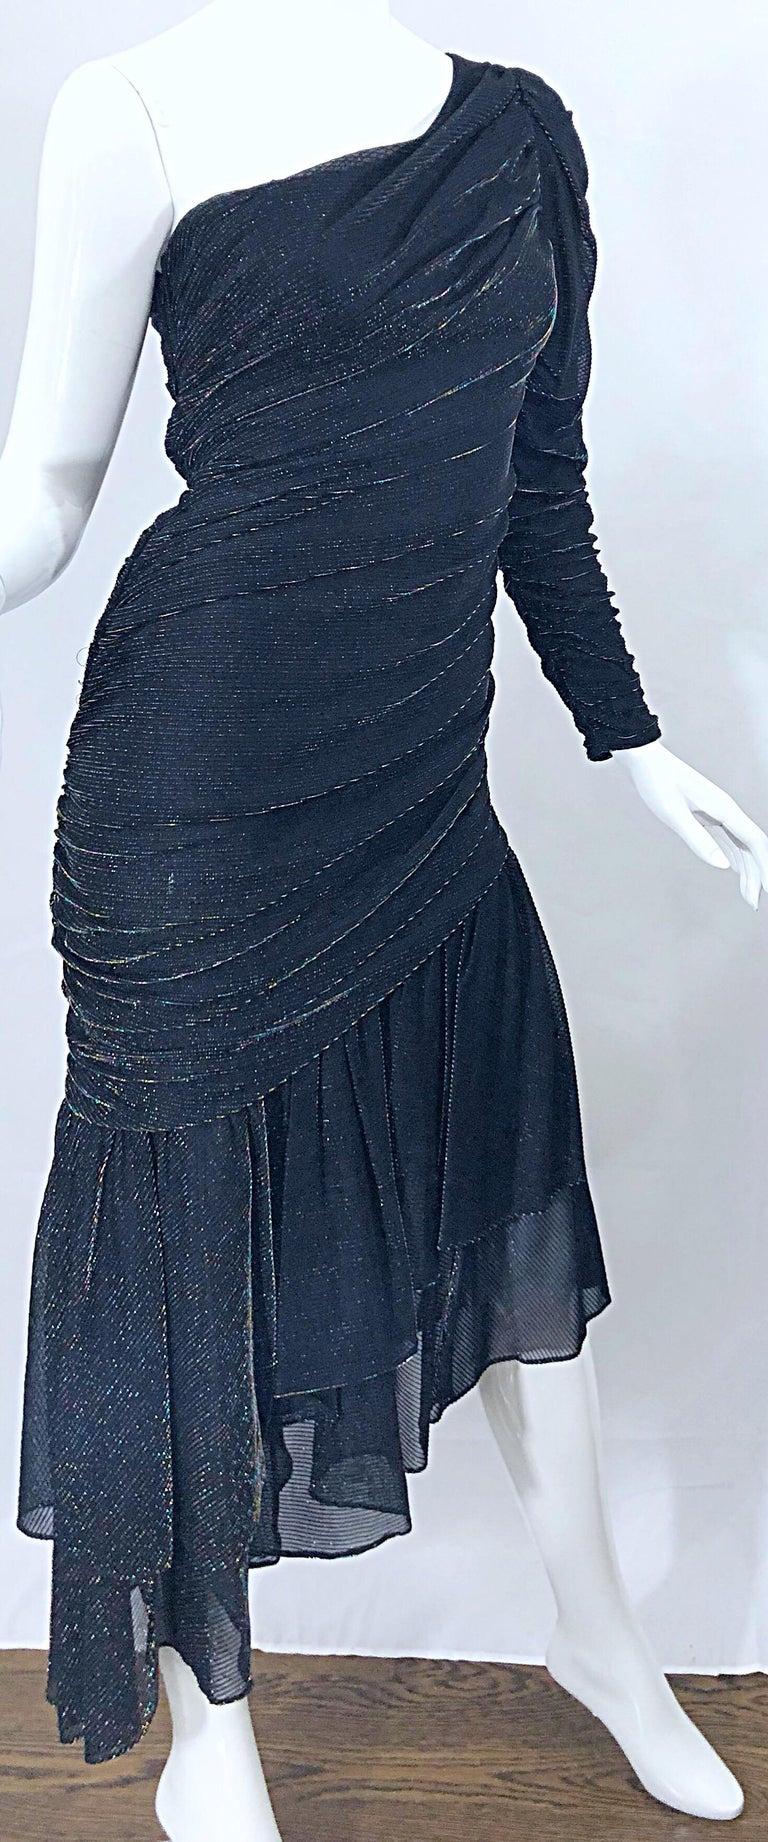 1980s Samir One Shoulder Black Metallic Rainbow Vintage 80s Cocktail Dress For Sale 9